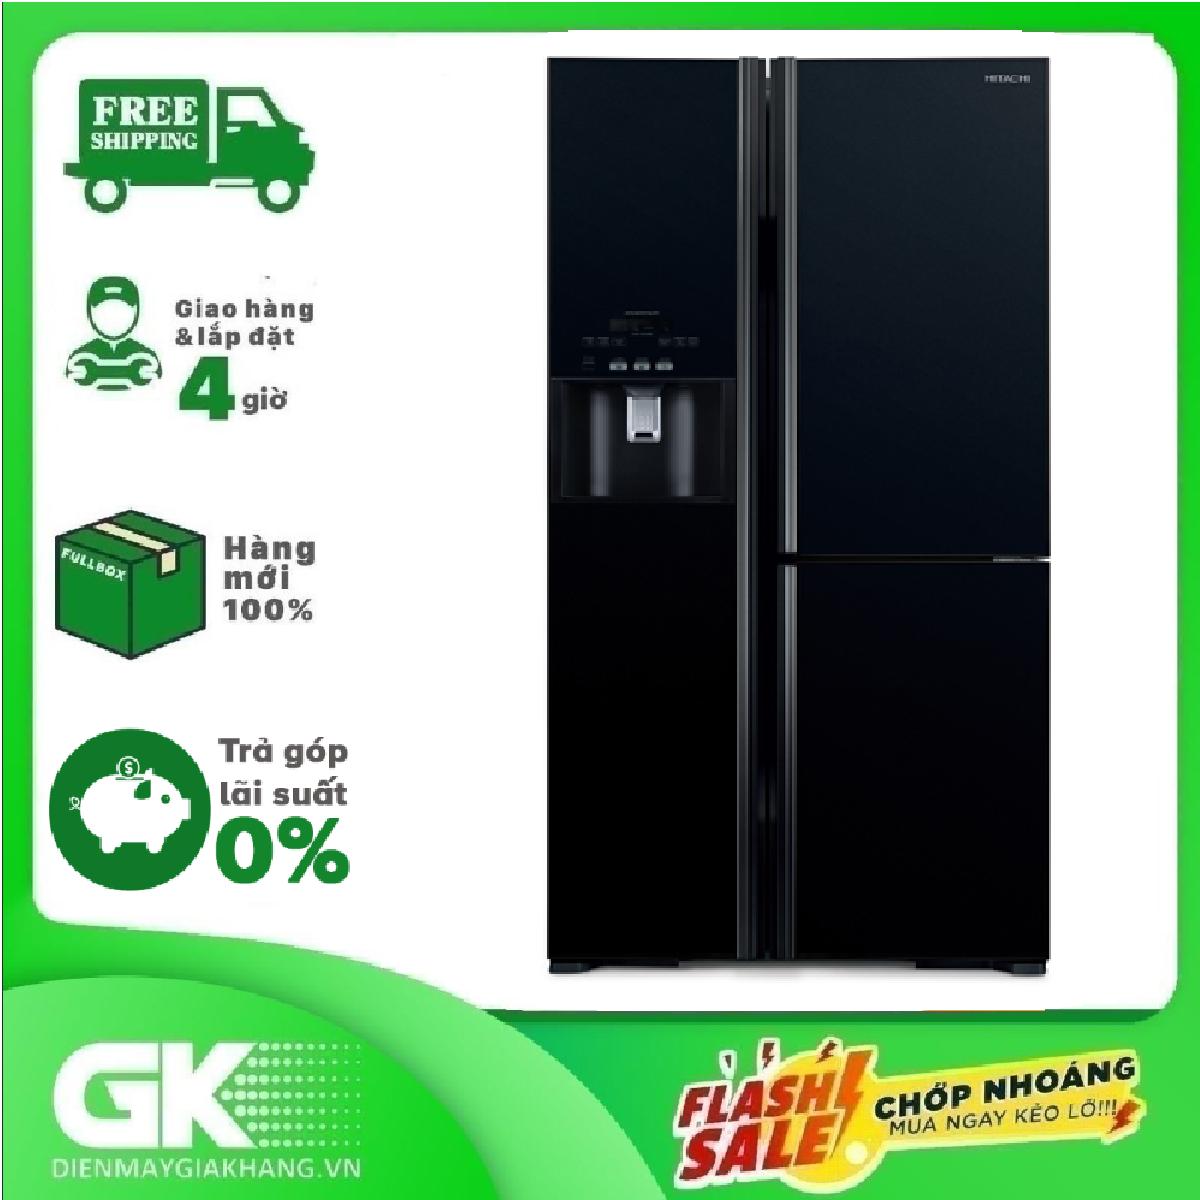 TRẢ GÓP 0% – Tủ lạnh Hitachi Inverter 584 lít R-FM800GPGV2 GBK,cảm biến nhiệt Eco tiết kiệm điện, mặt gương sang trọng, có hộc lấy đá nước bên ngoài – Bảo hành 12 tháng